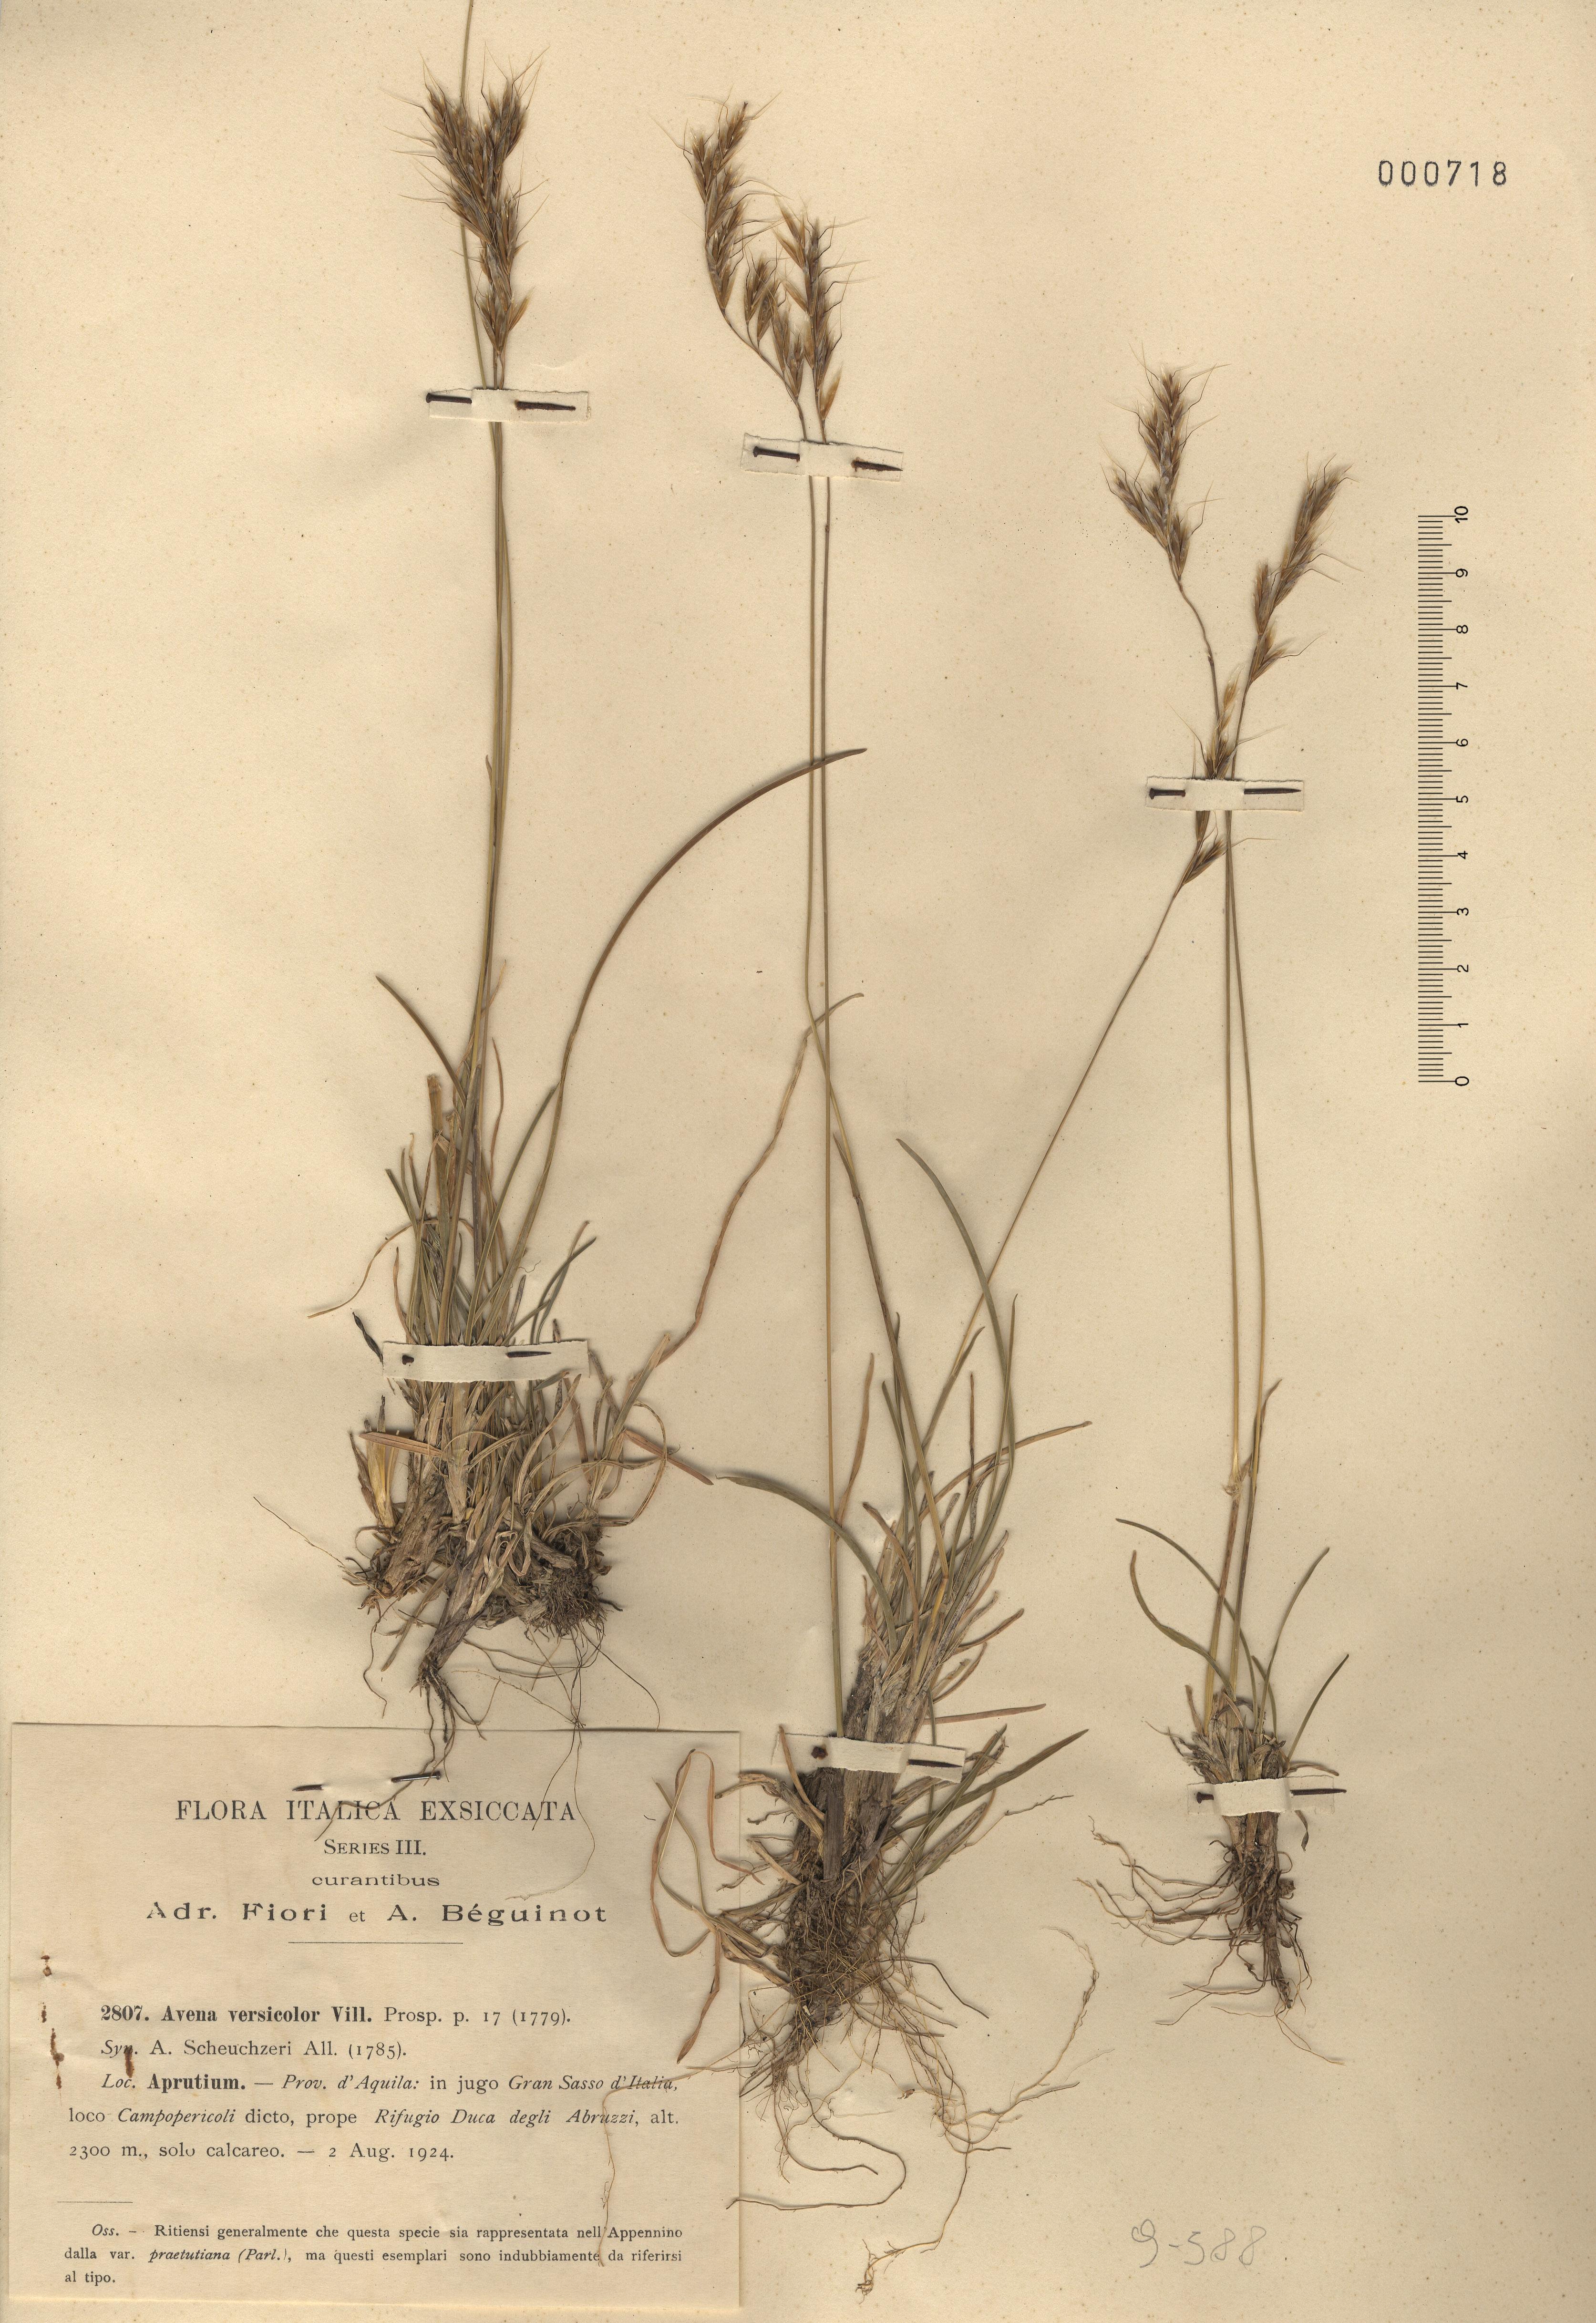 © Hortus Botanicus Catinensis - Herb. sheet 000718<br>